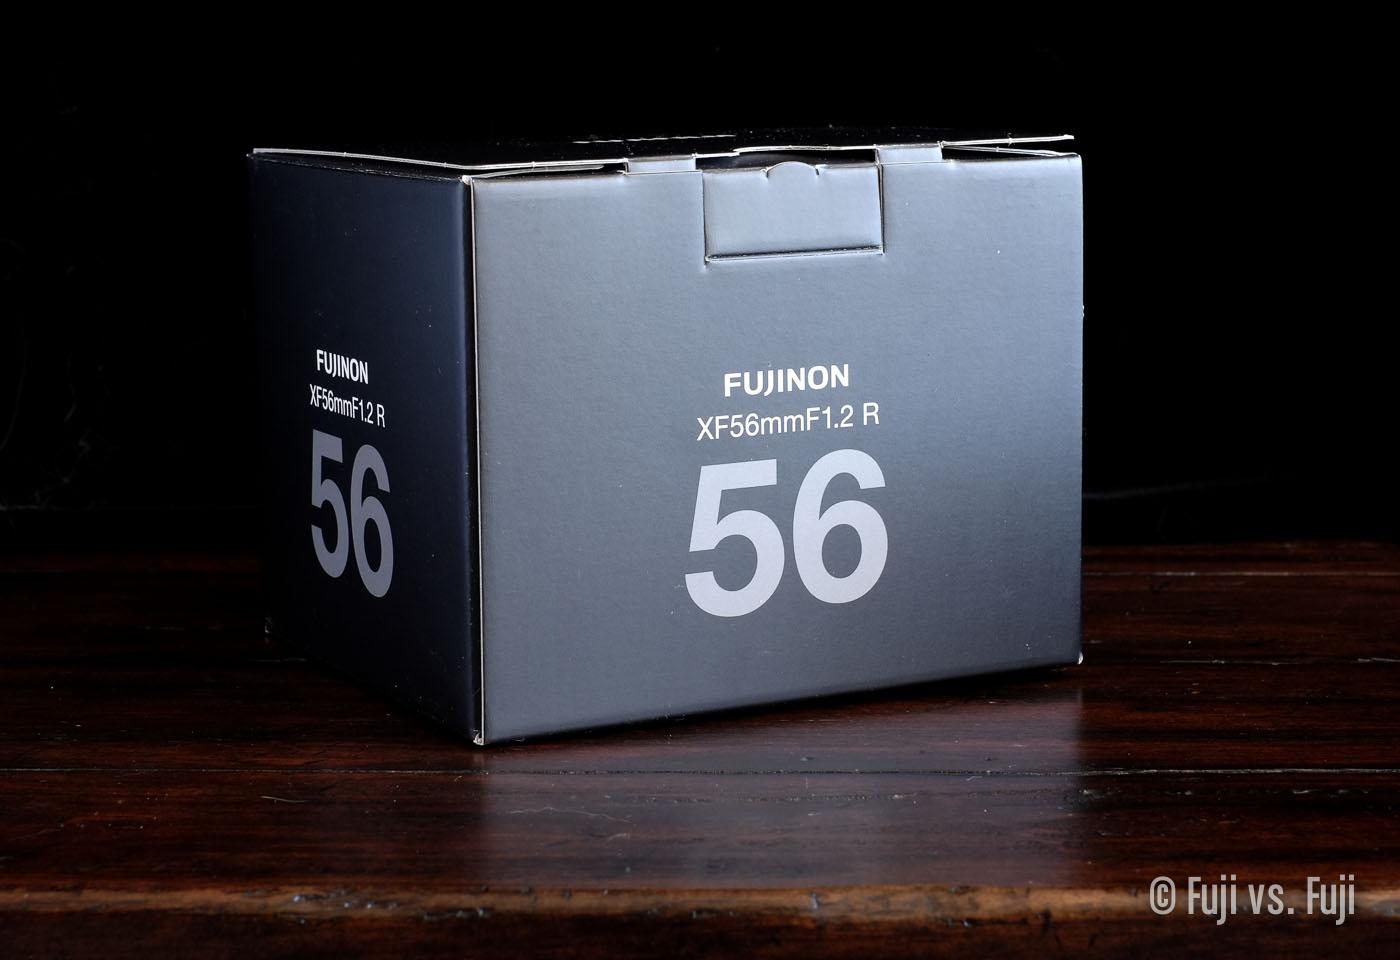 TheFUJINON XF 56mm f/1.2 new school box design